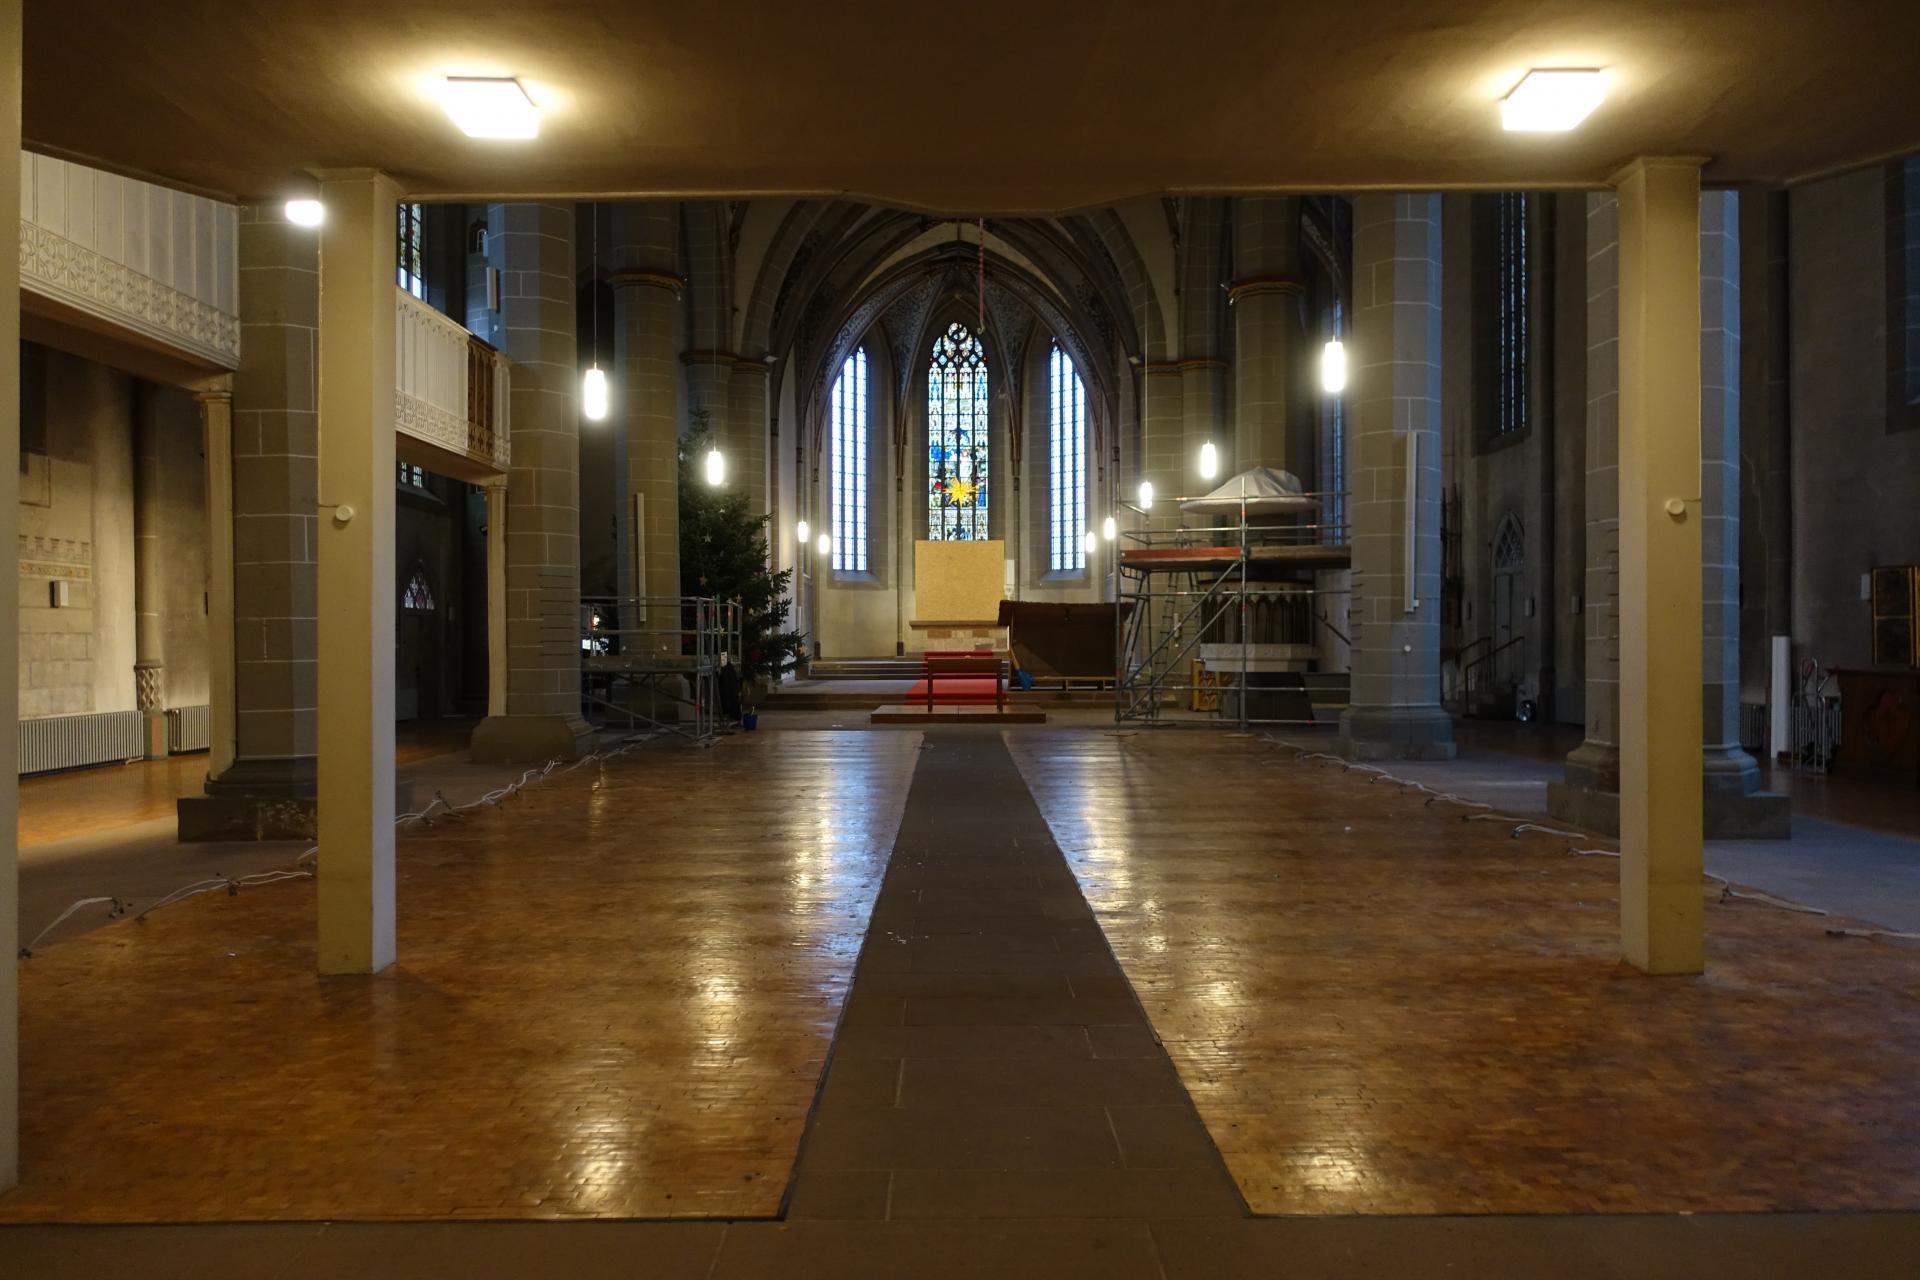 Kirche ohne Bänke mit Gerüst bei der Taufe, eingerüstete Kanzel und eingehauster Altar.